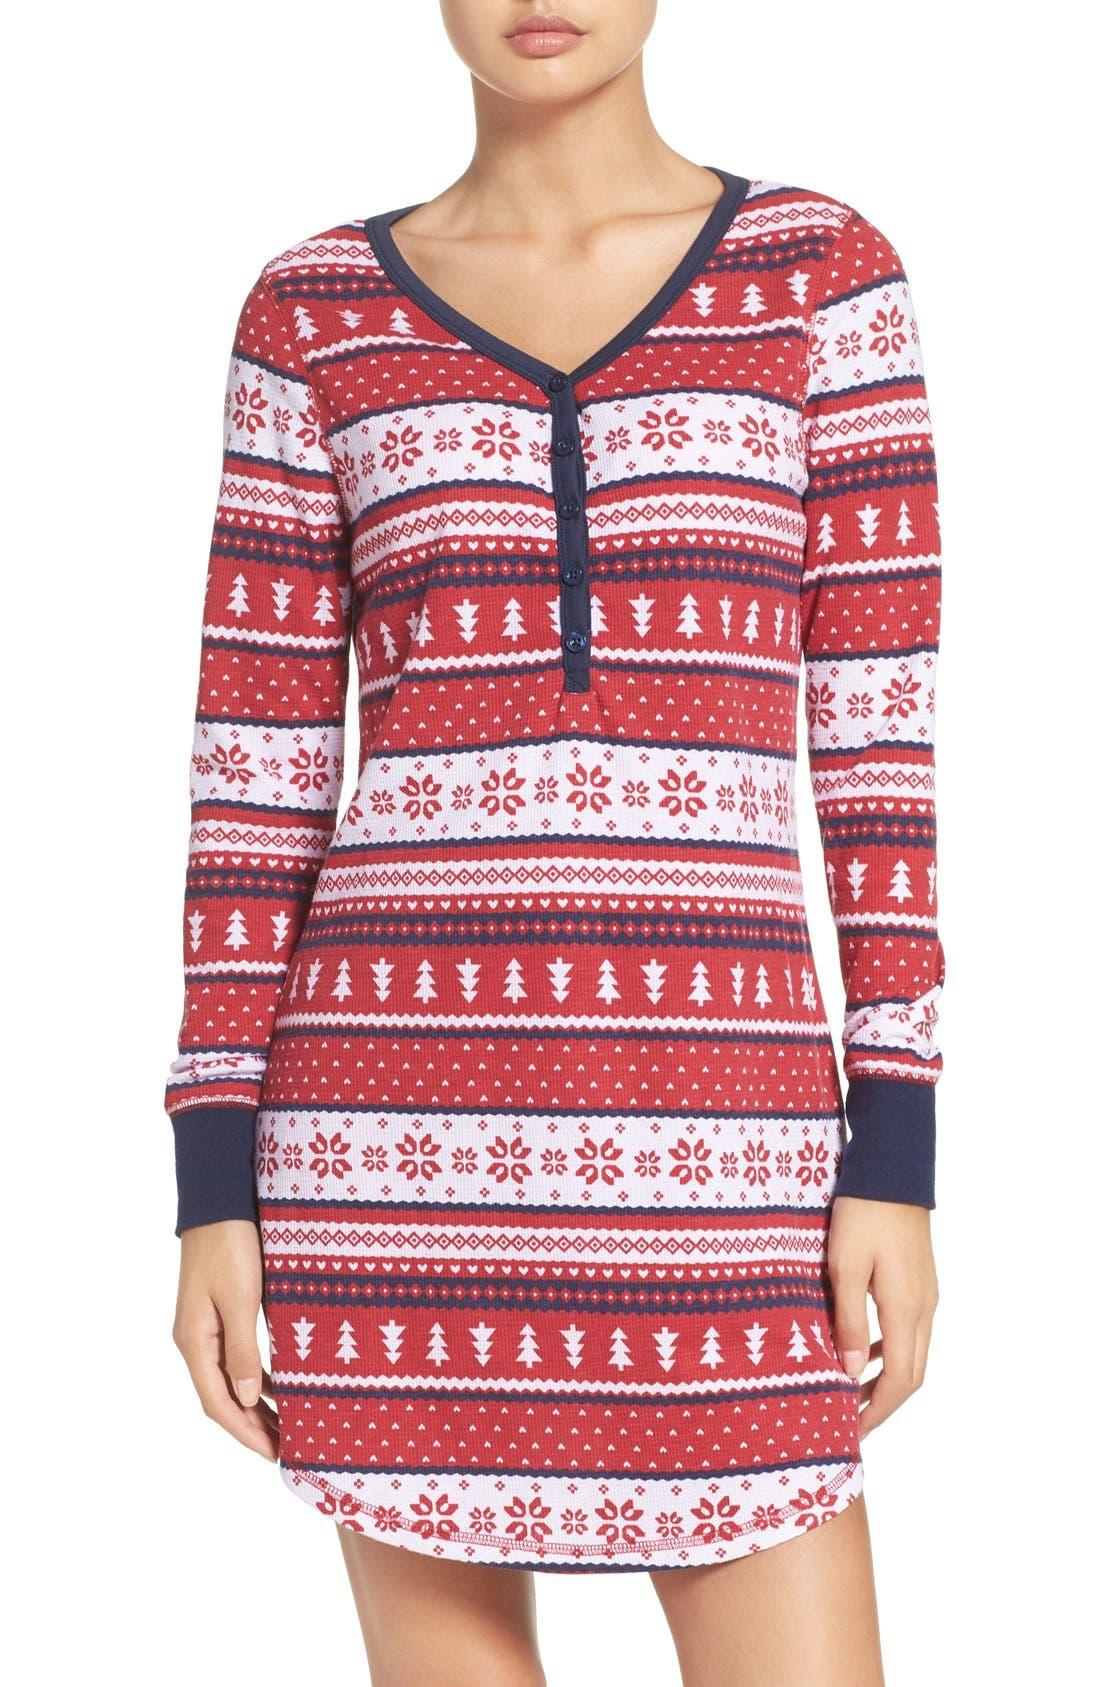 Alternate Image 1 Selected - Nordstrom Lingerie Sleepyhead Thermal Nightshirt